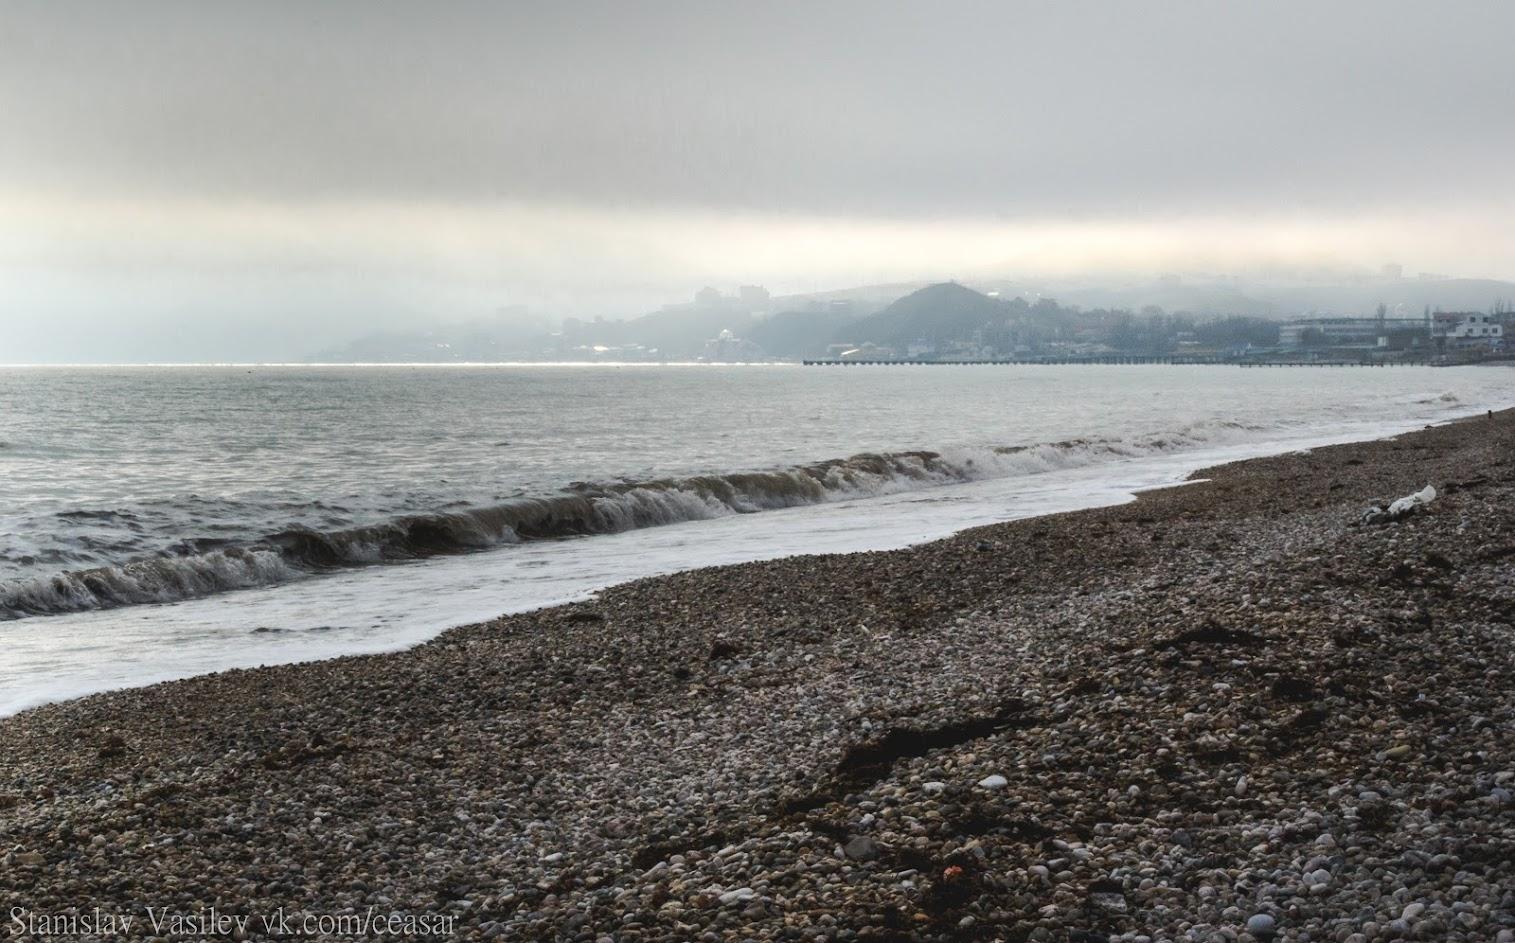 Коктебель, Чёрное море, февраль